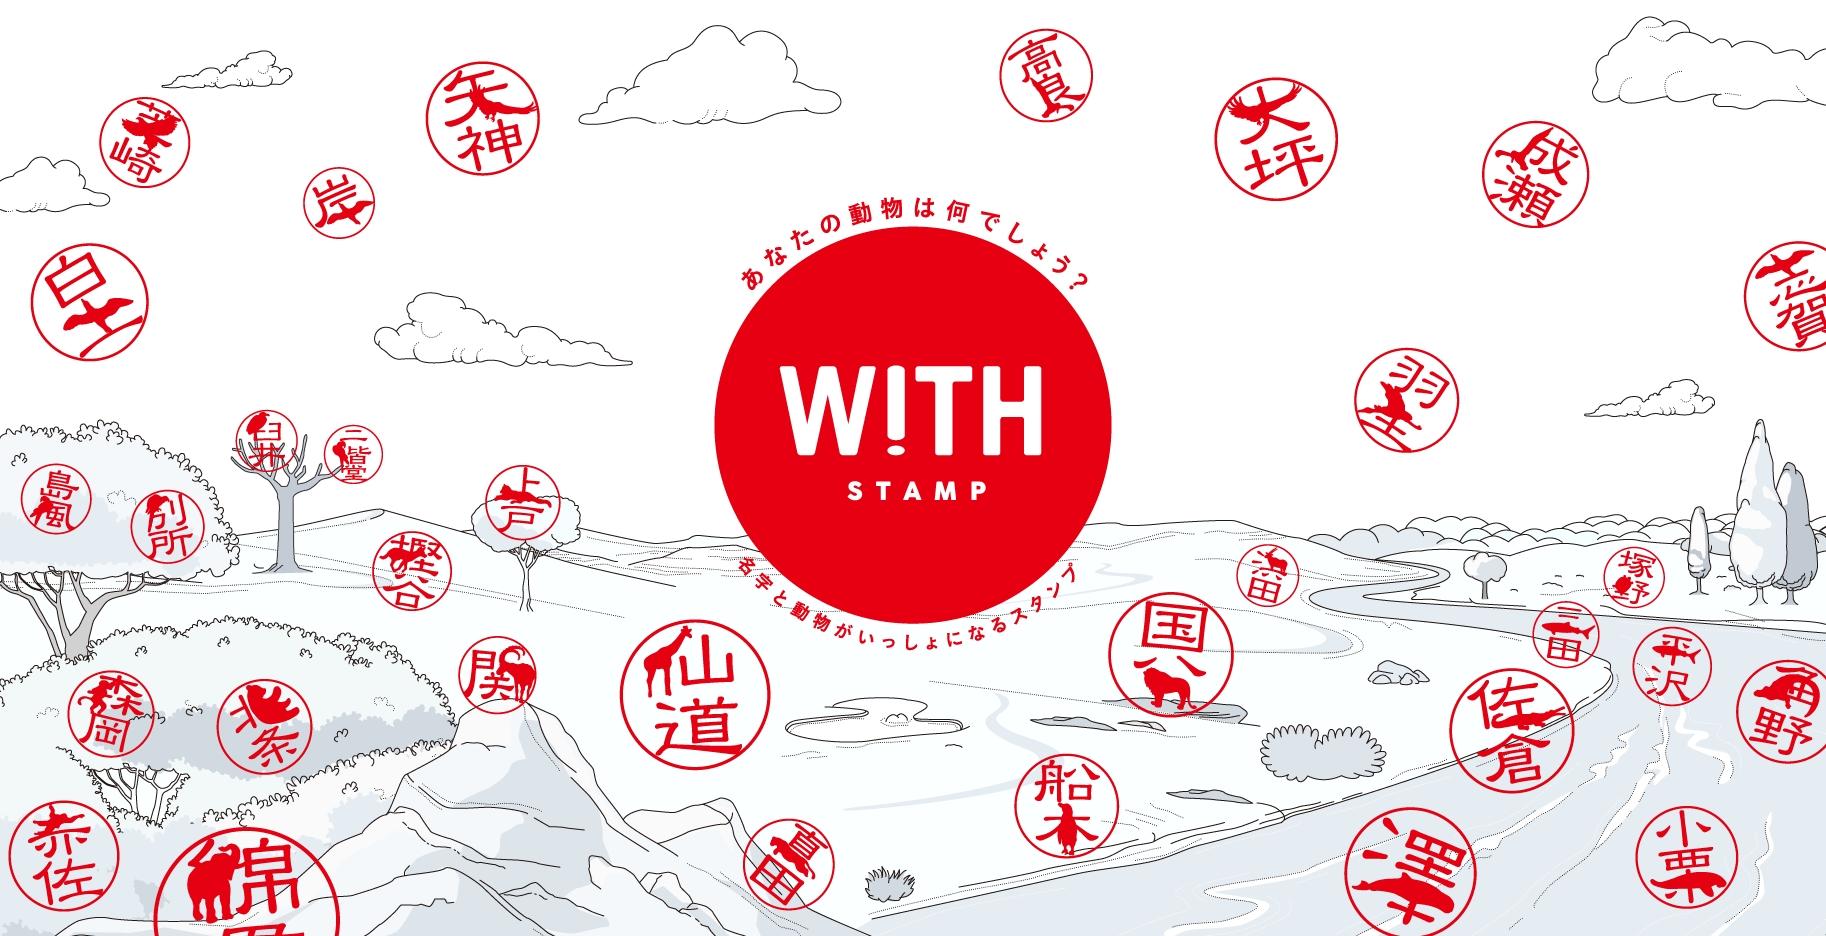 多くの方の再販の声を受け、ライセンス商品として「WITH STAMP」が発売!